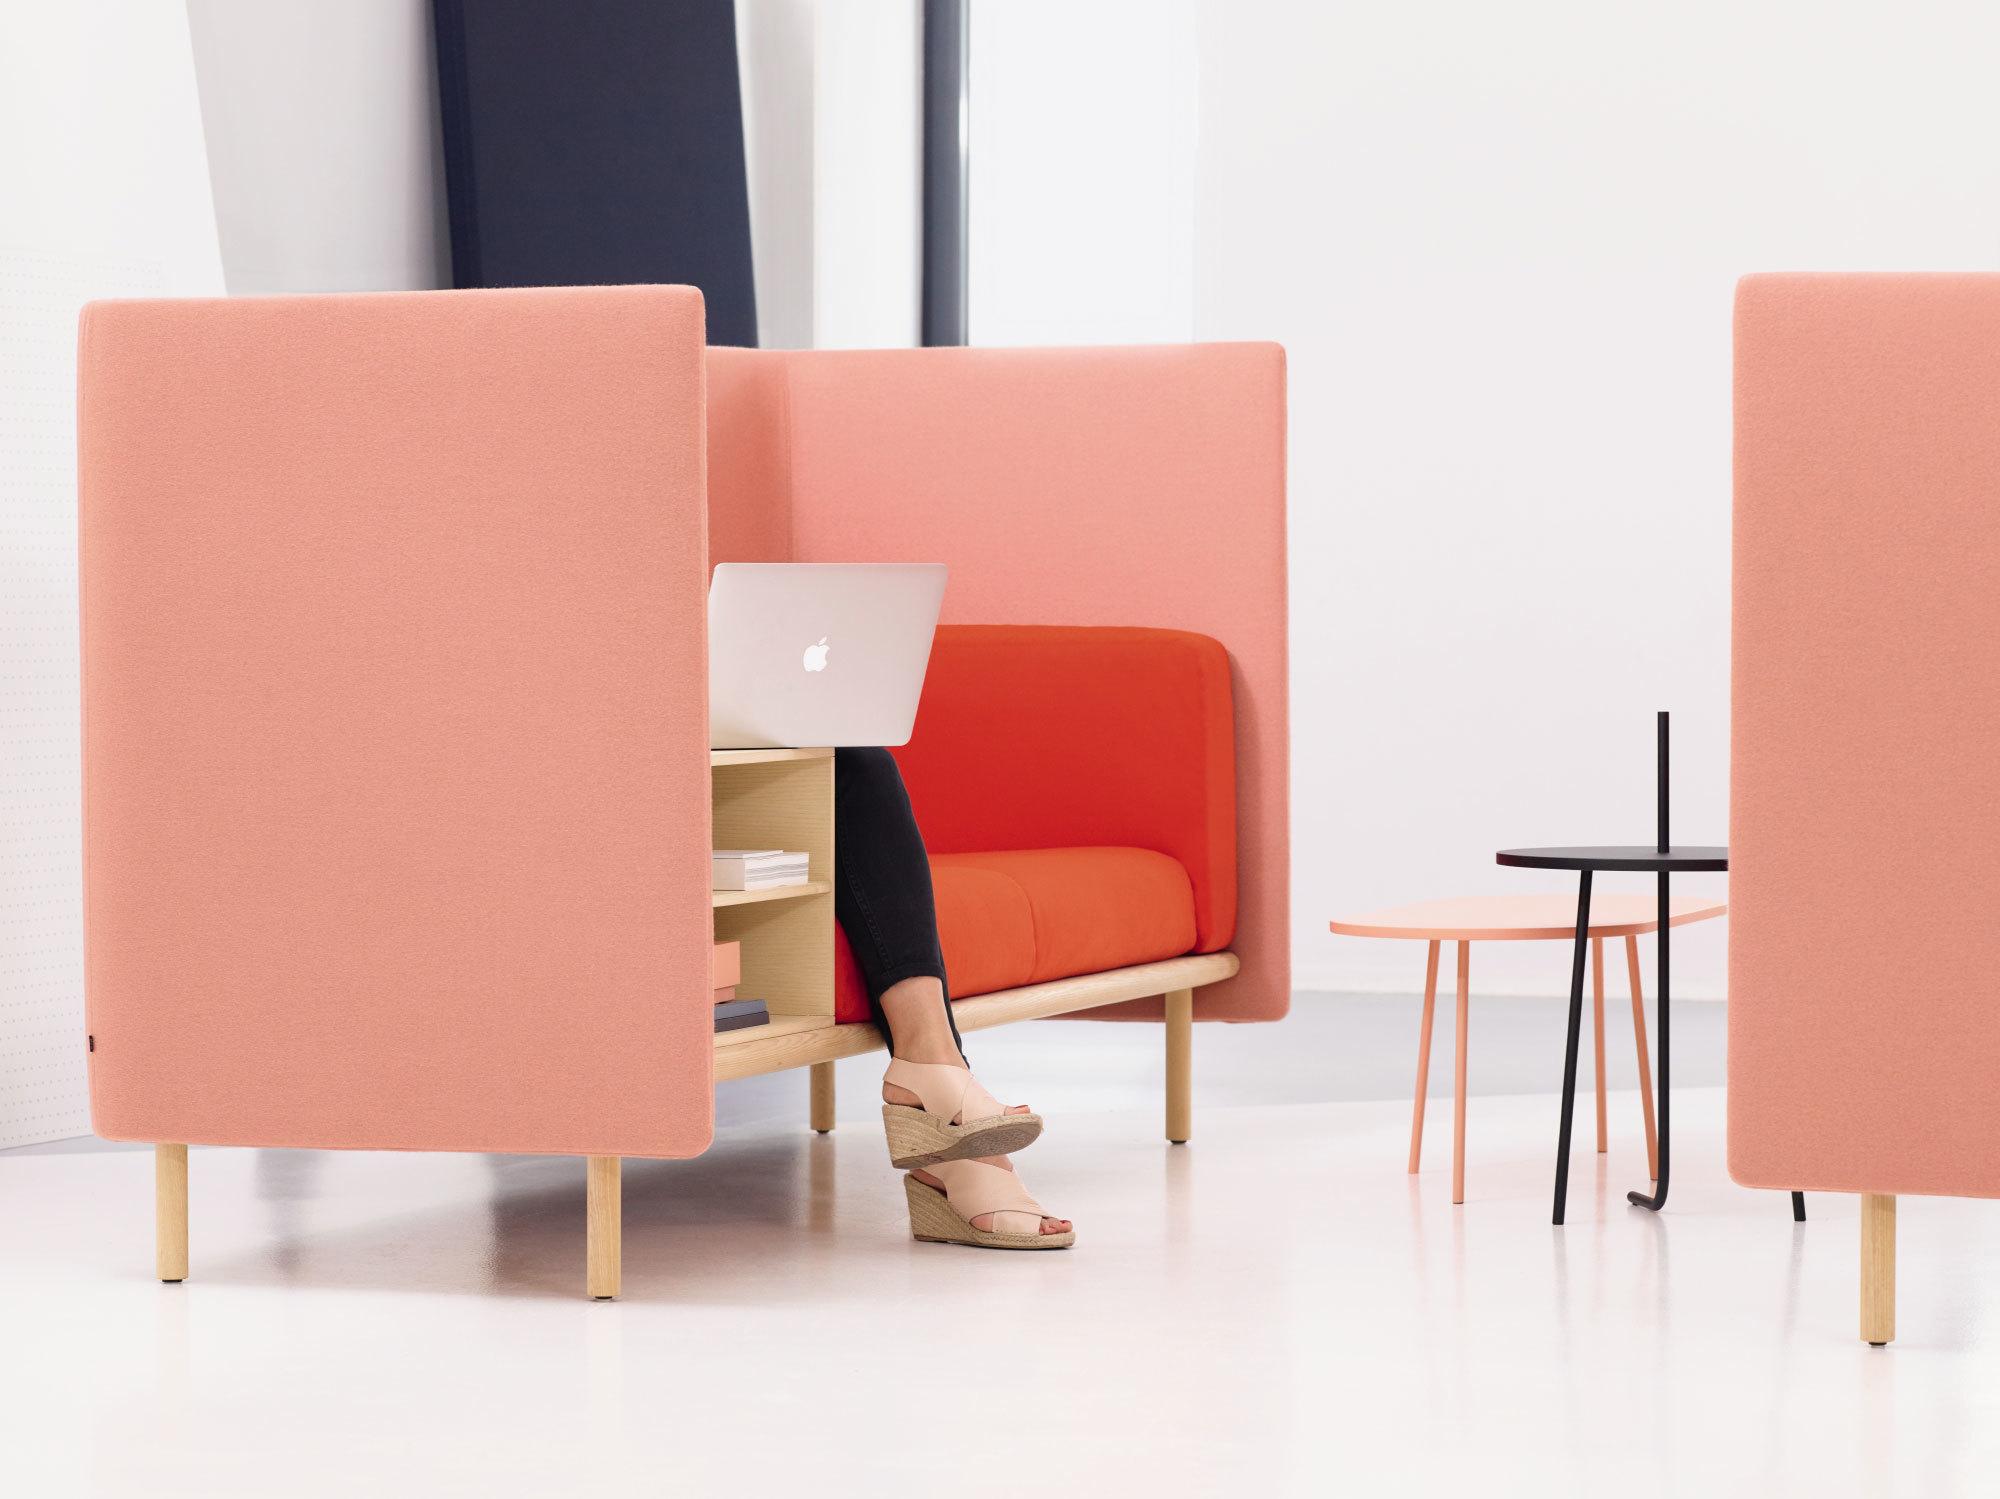 Ungestörtes Meeting oder einfach mal zurückziehen: Das Sofasystem Floater von COR ist Wohlfühloase und Rückzugsort im Büro. Foto: ©COR